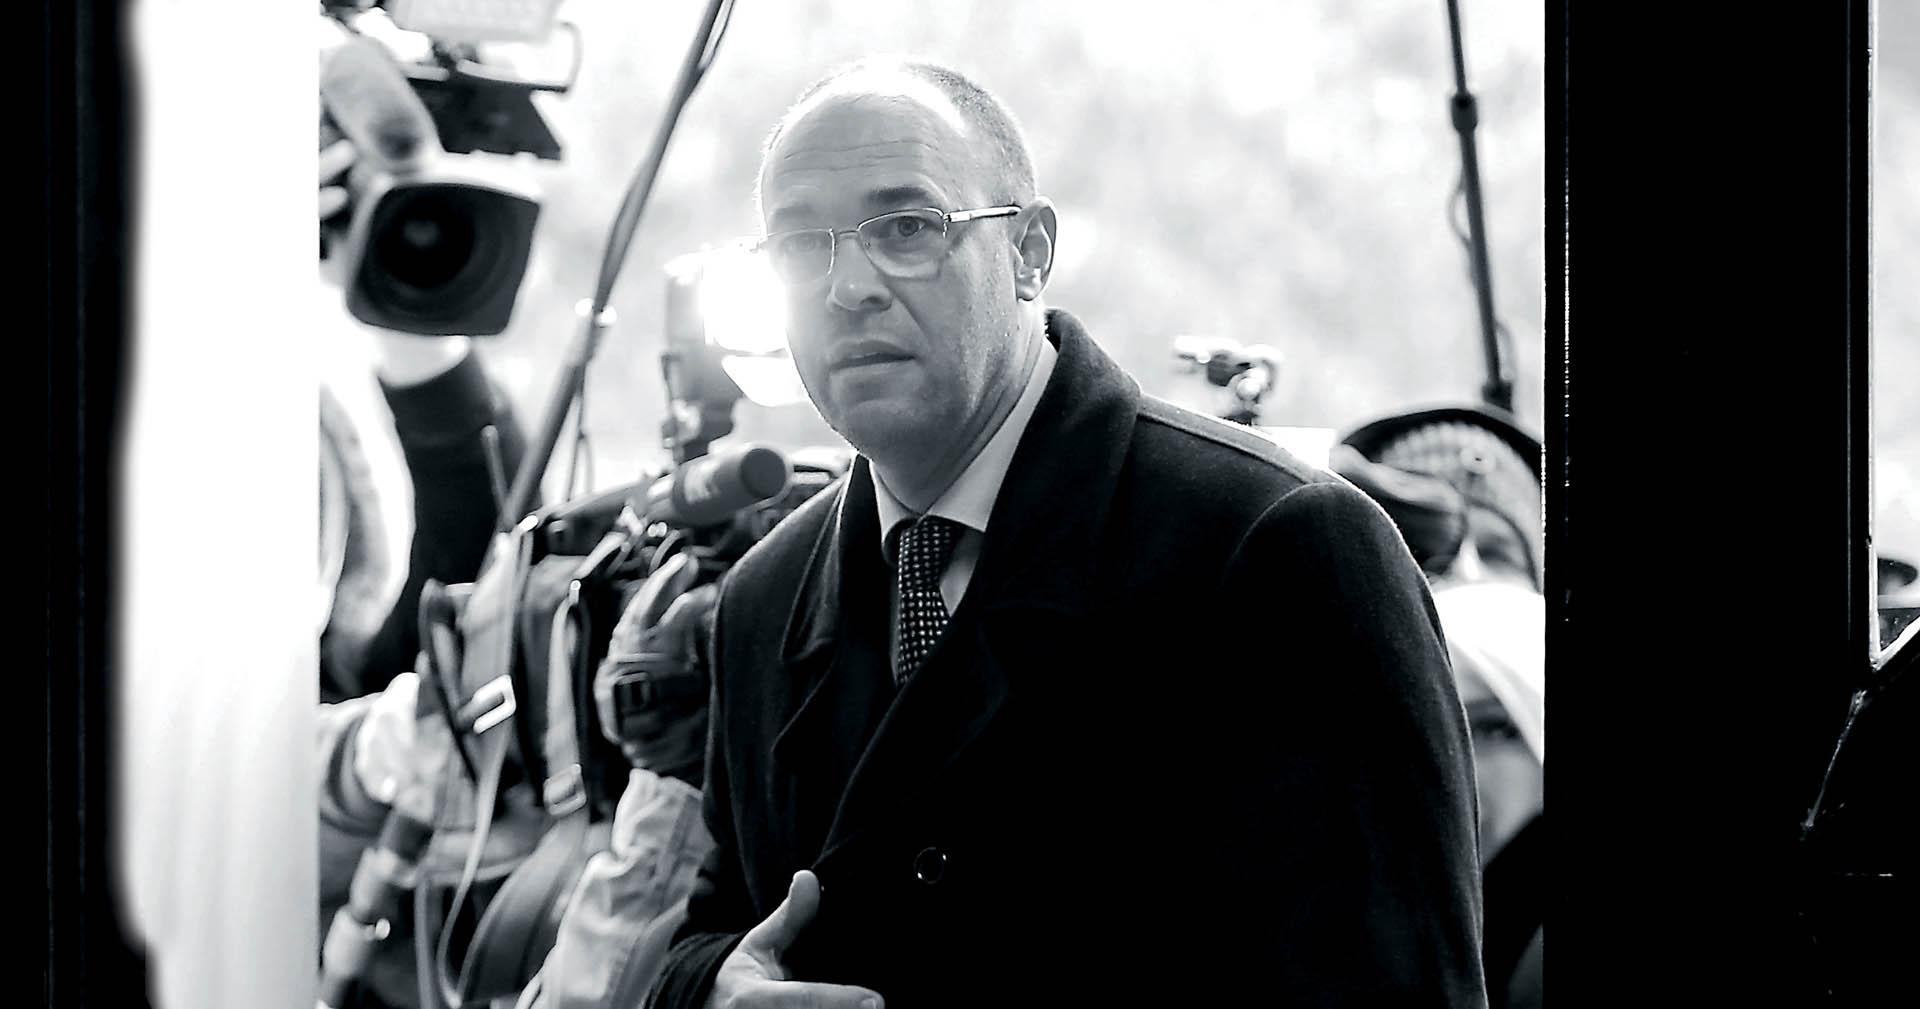 EKSKLUZIVNO Stier: 'Neću rušiti Andreja, nemam ambiciju postati premijer'